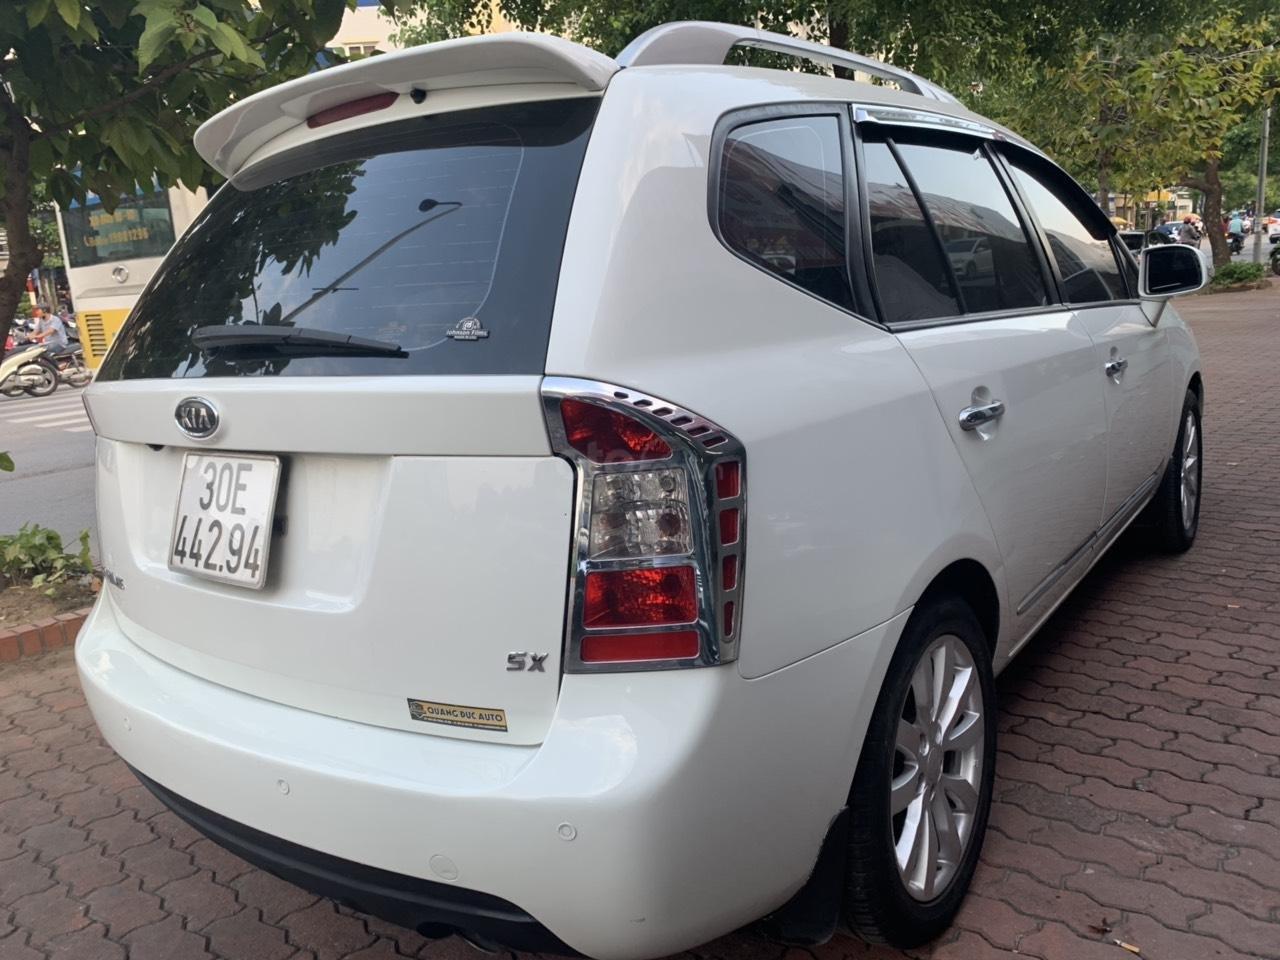 Bán xe Kia Carens 2.0AT năm 2011, màu trắng (2)